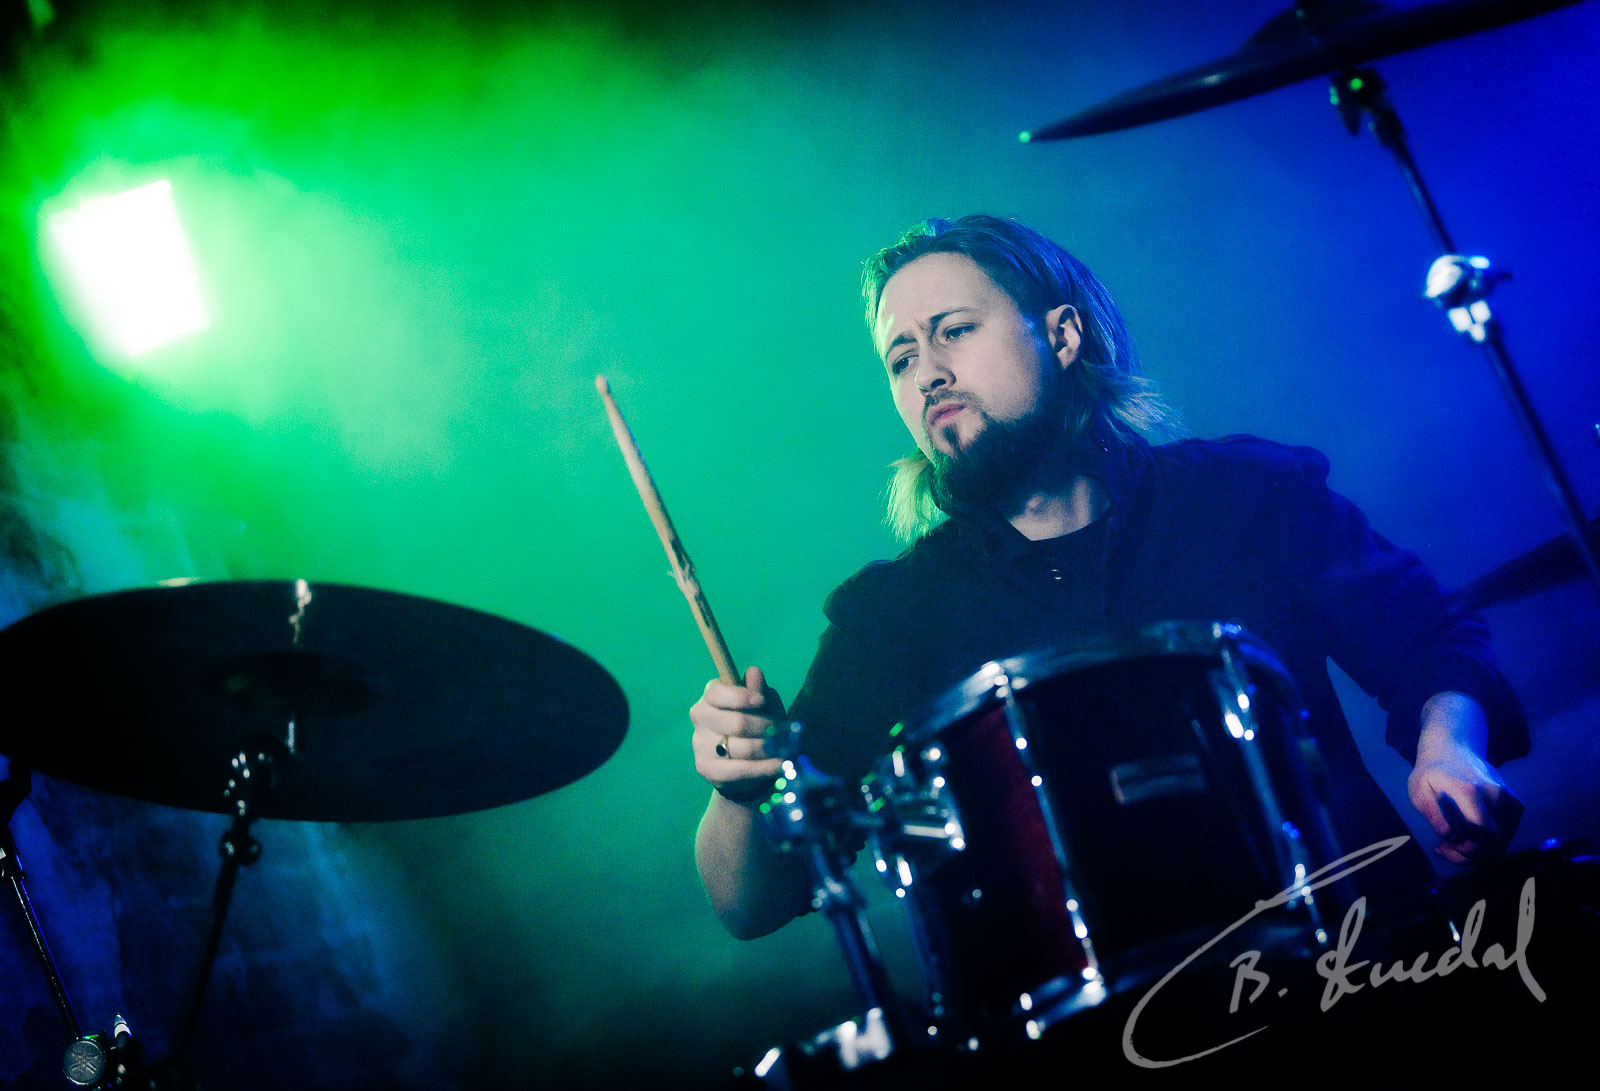 Drummer shot 1